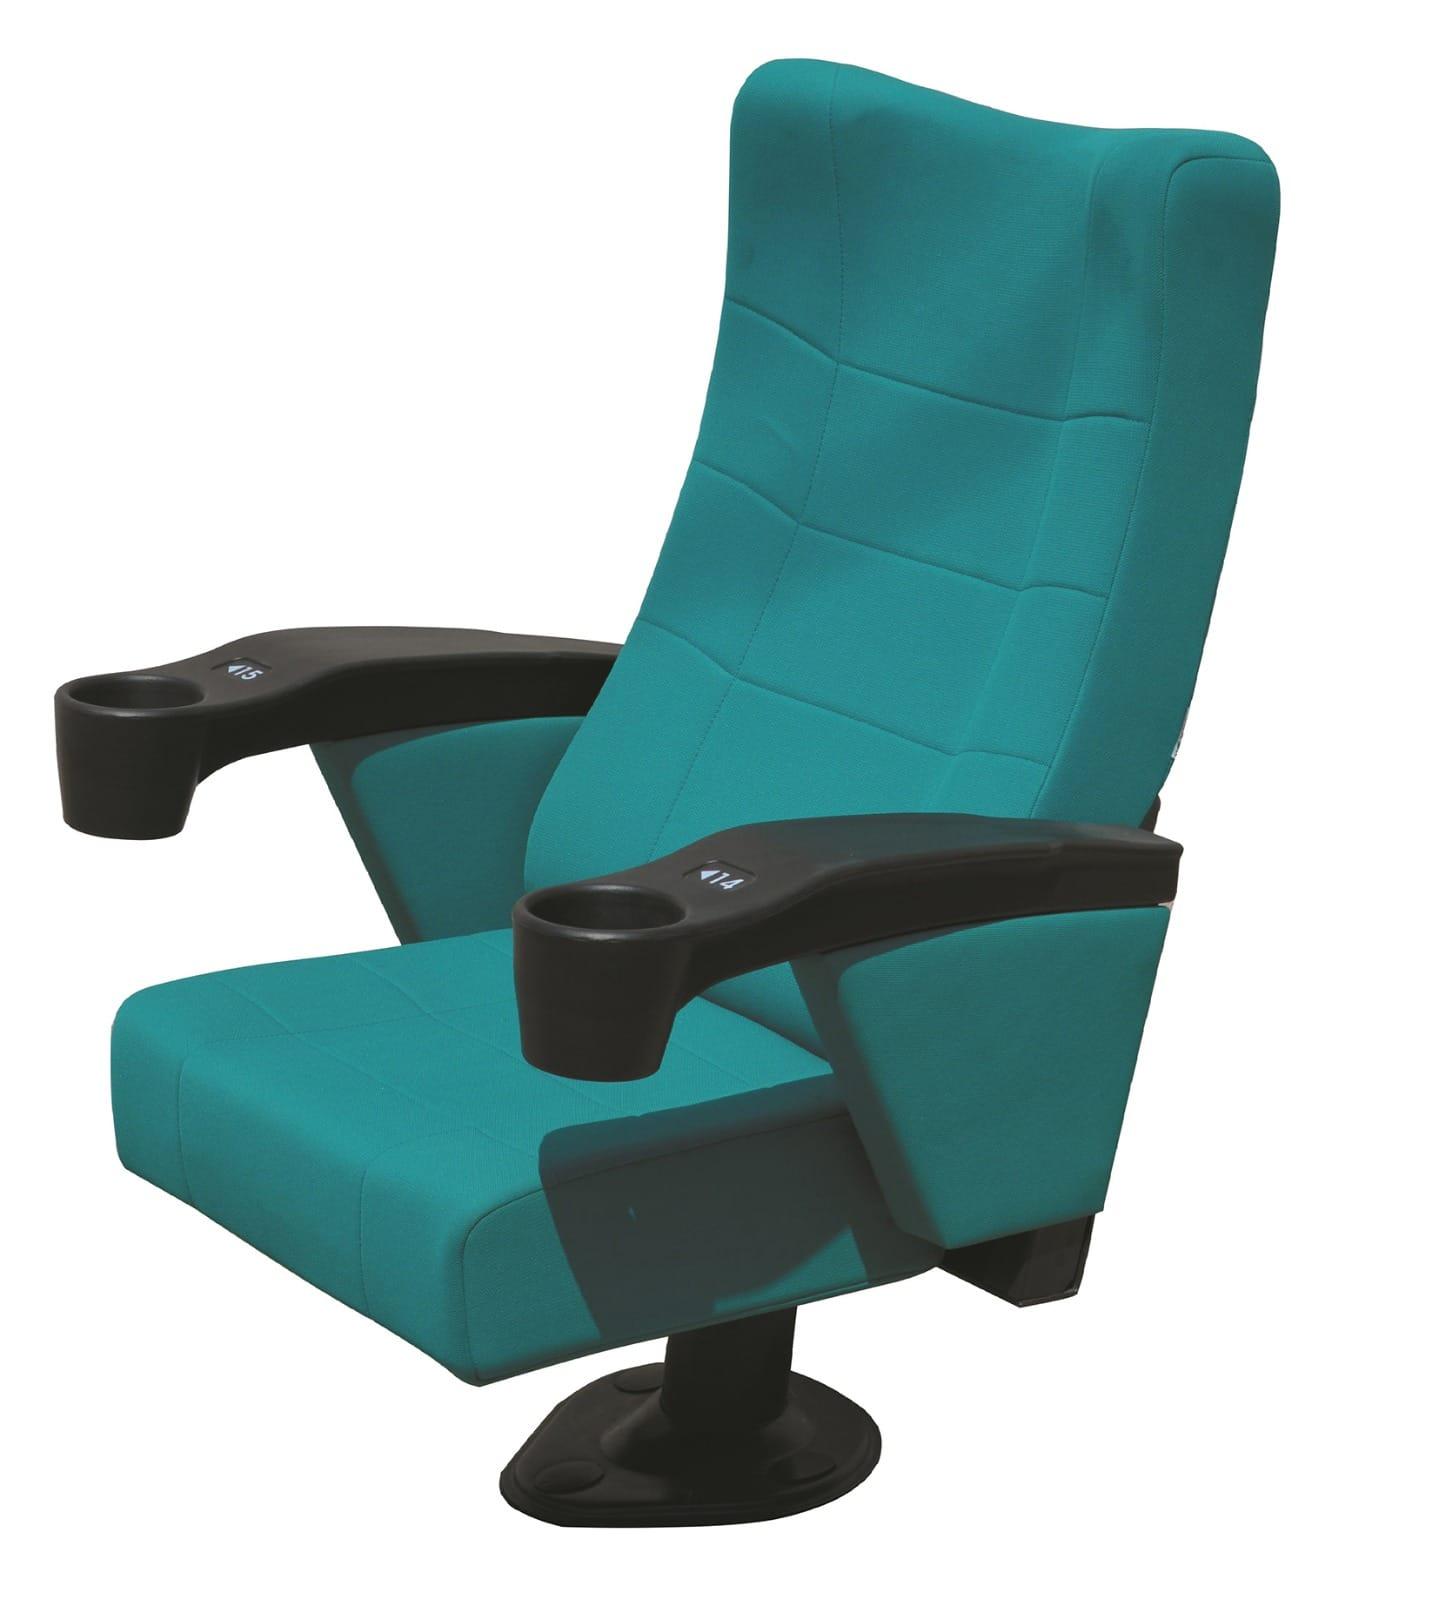 ms 021 cinema chair